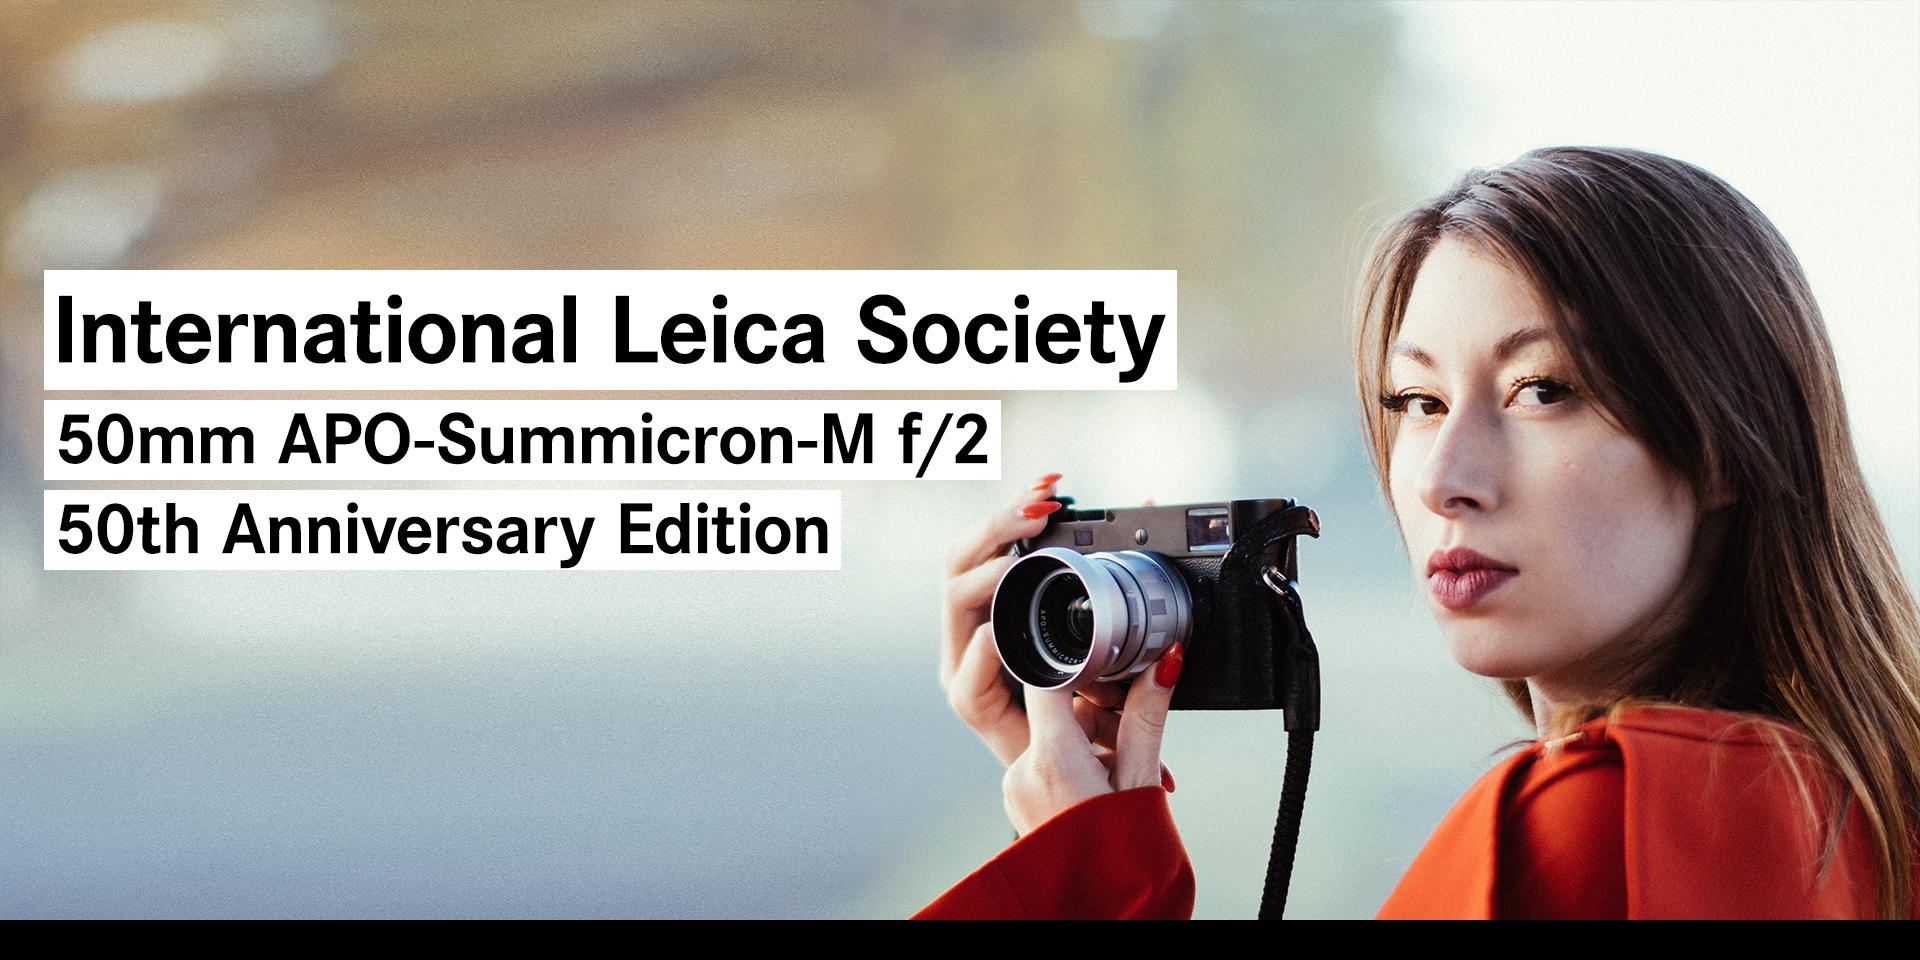 Leica APO-Summicron-M 50mm f/2 ASPH 'LHSA Edition'